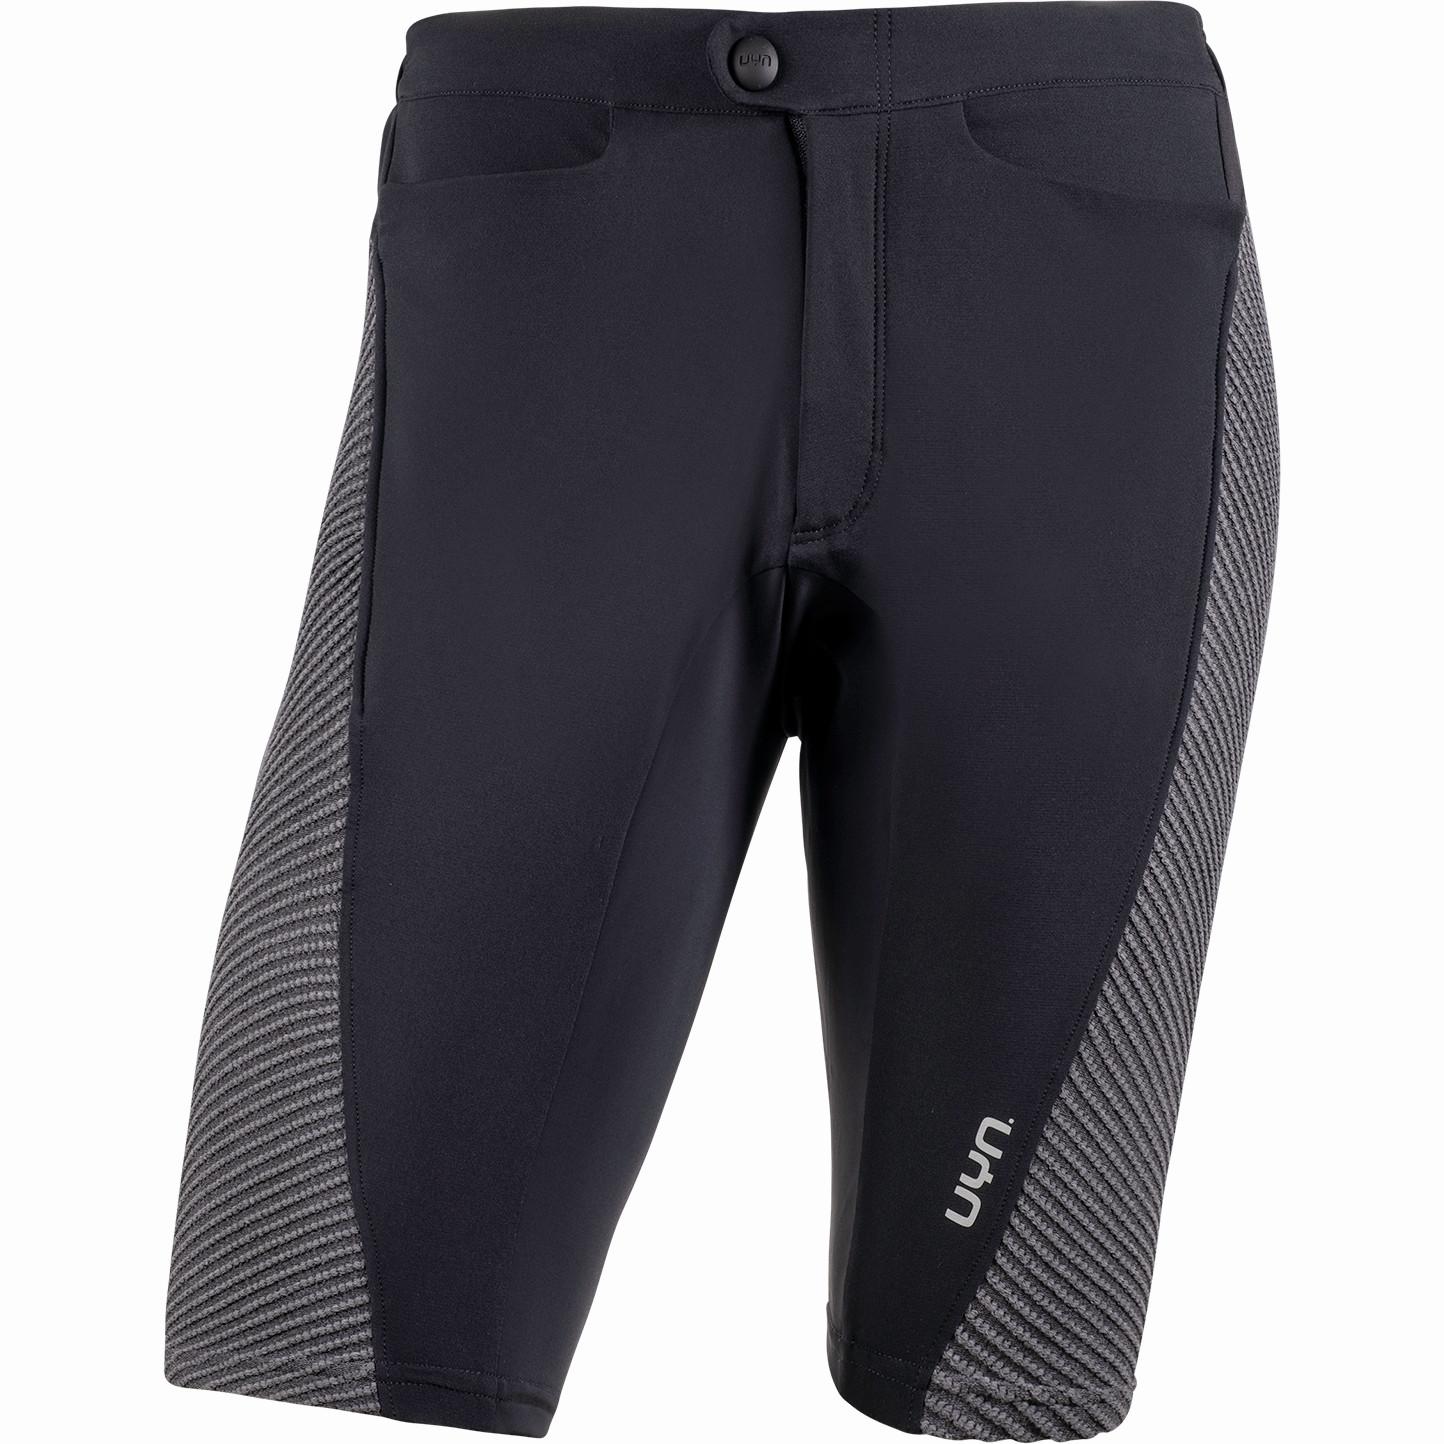 UYN Activyon MTB Shorts - Black/Iron